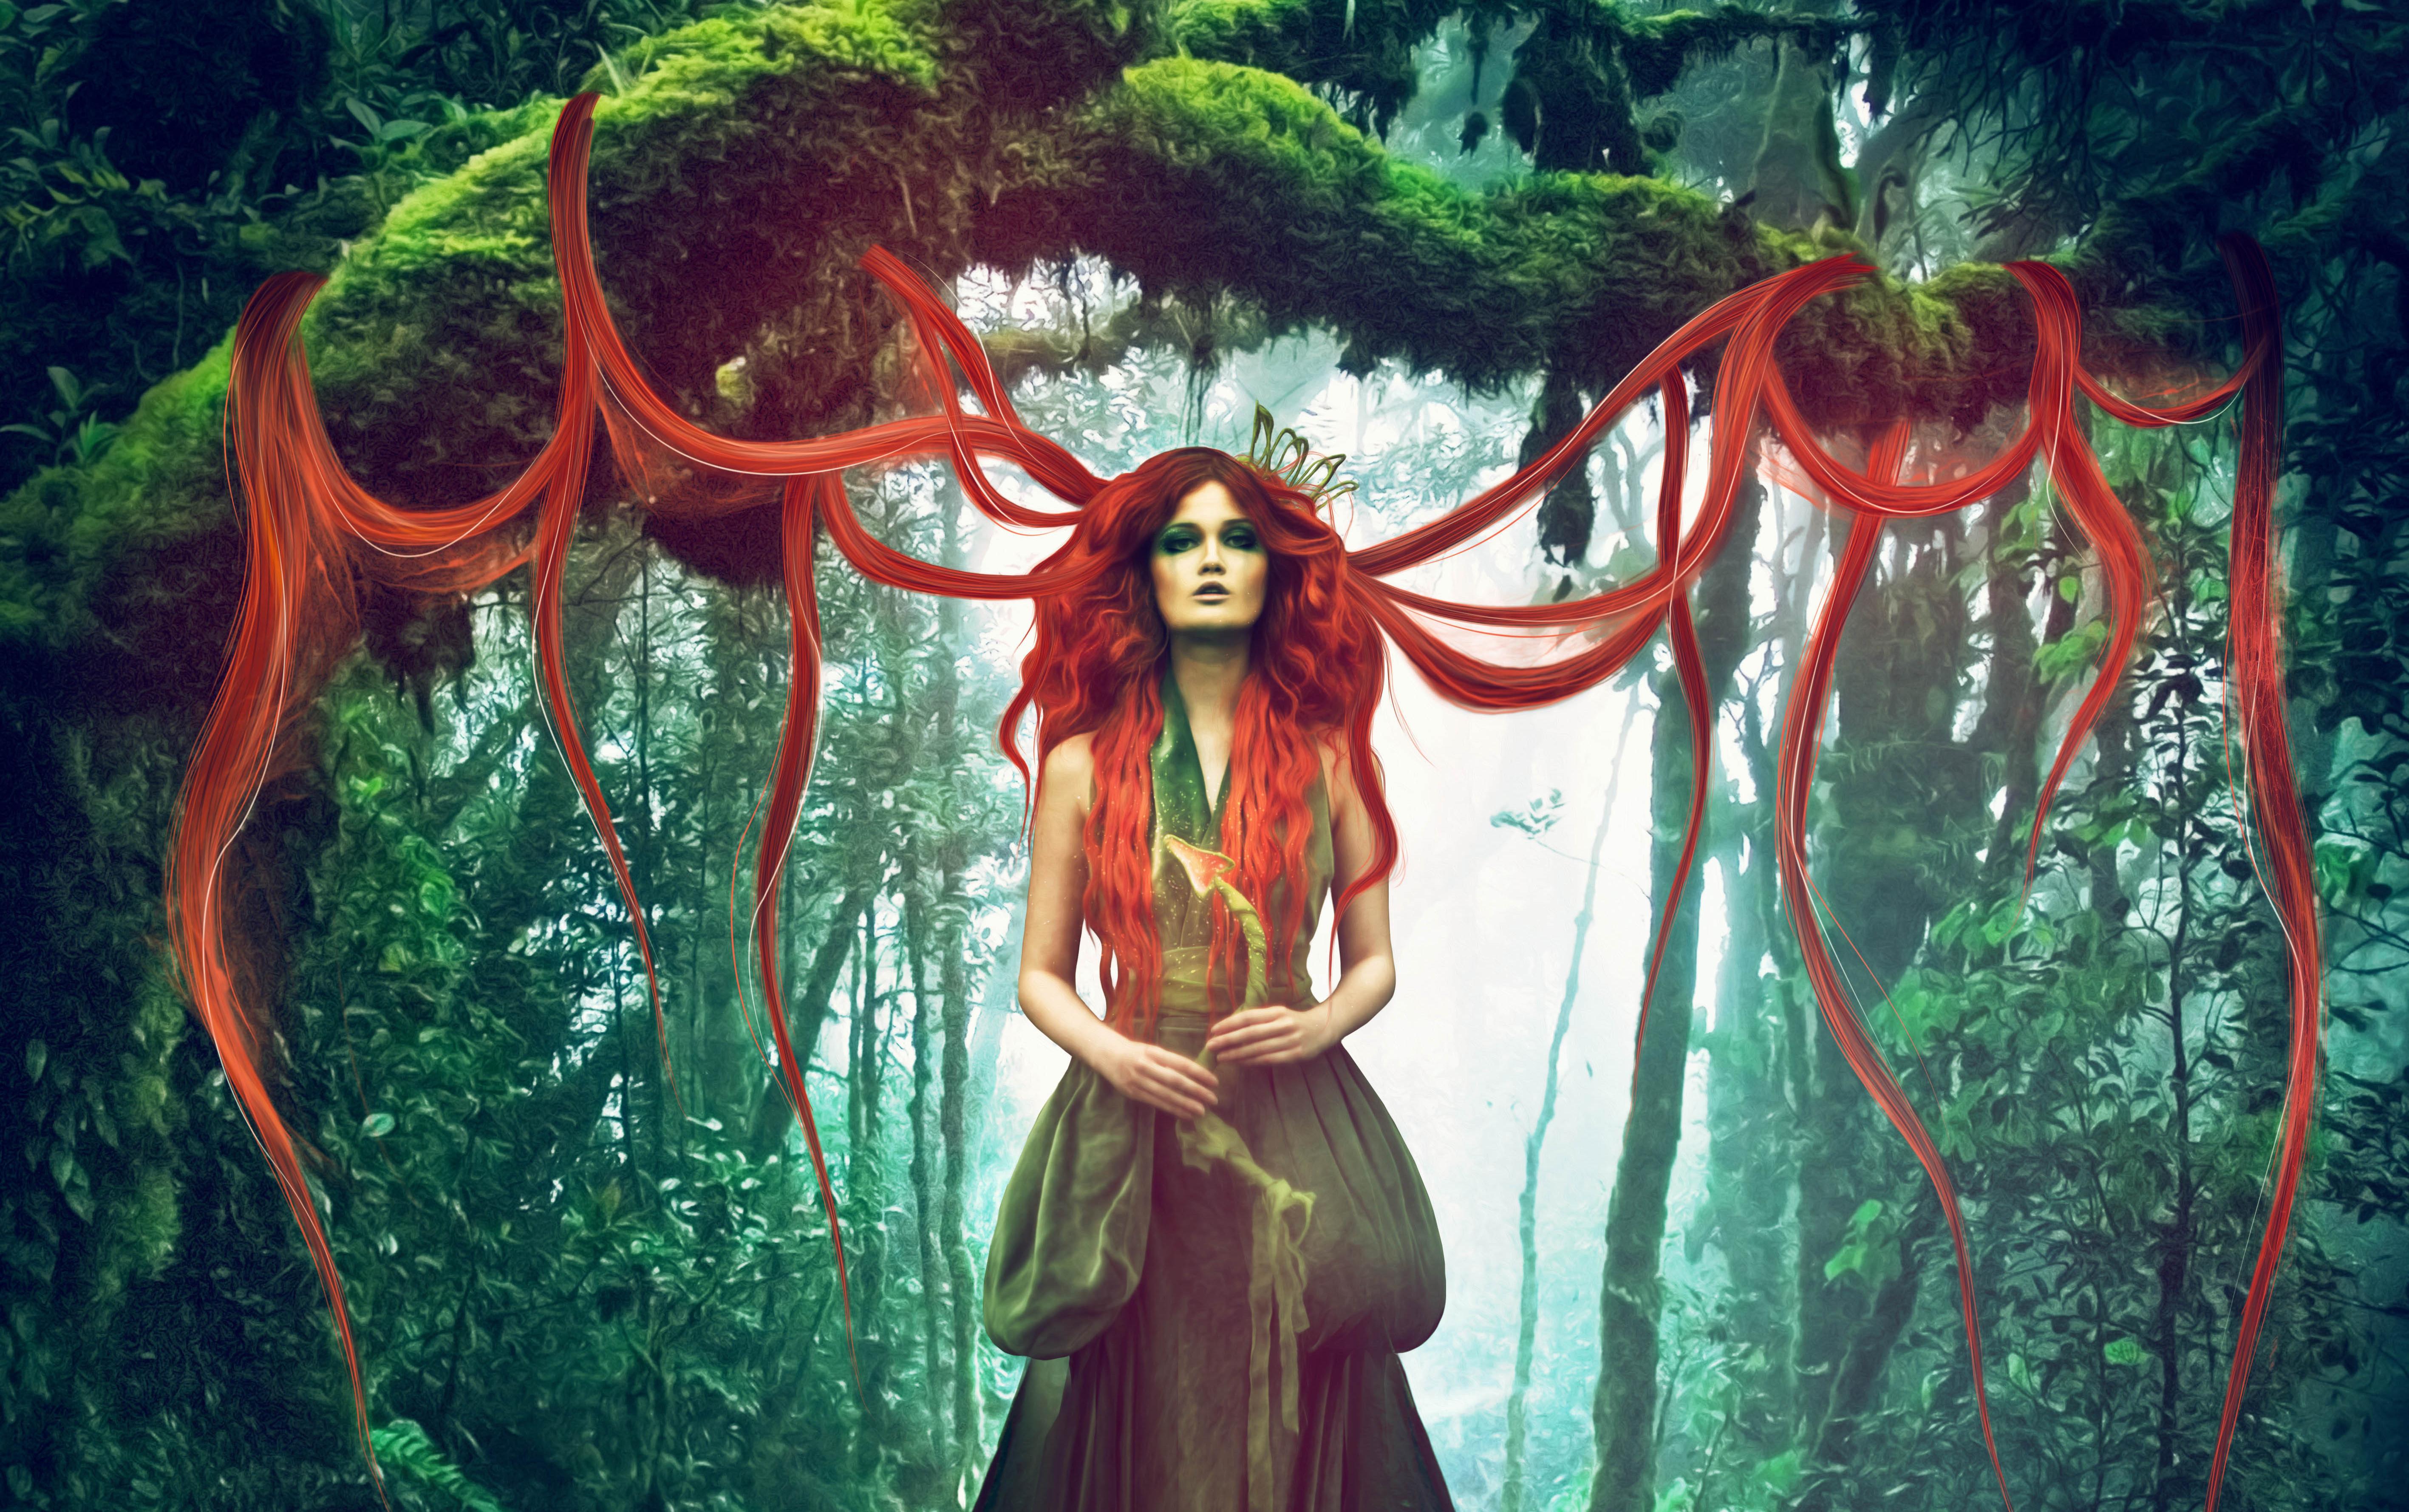 Redhead fantasy art exposed tube